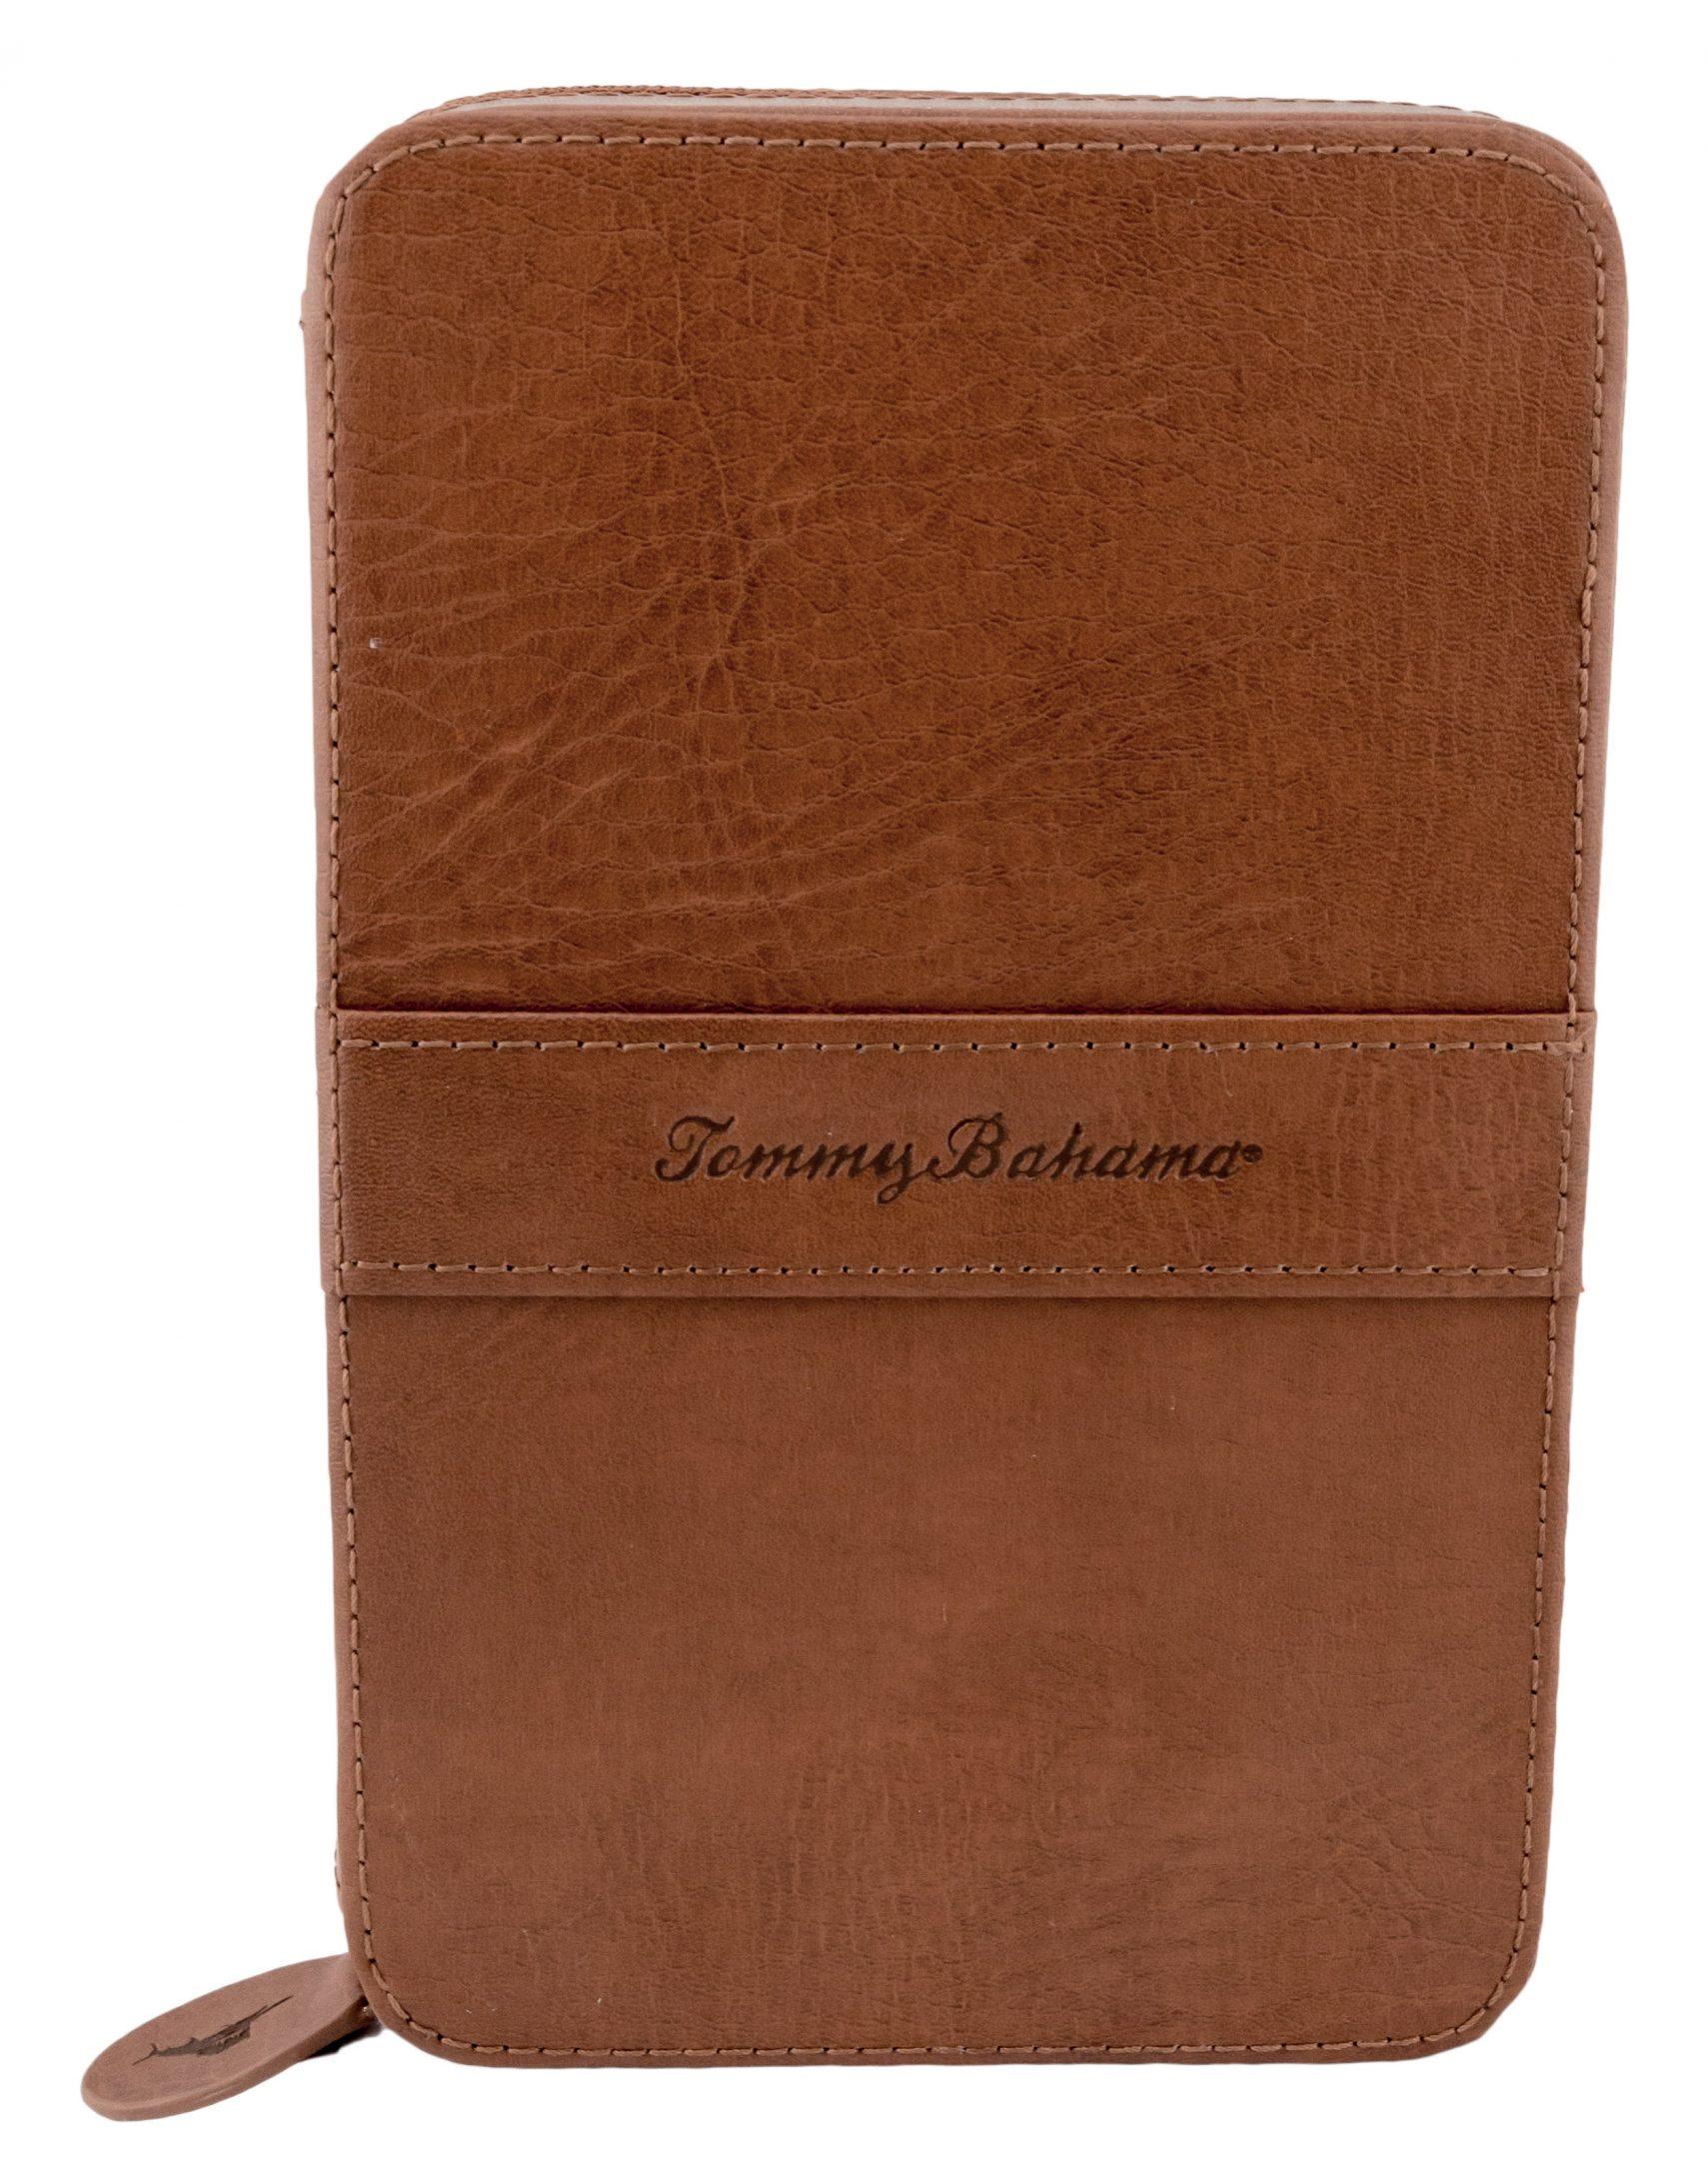 Tommy Bahama Travel Case